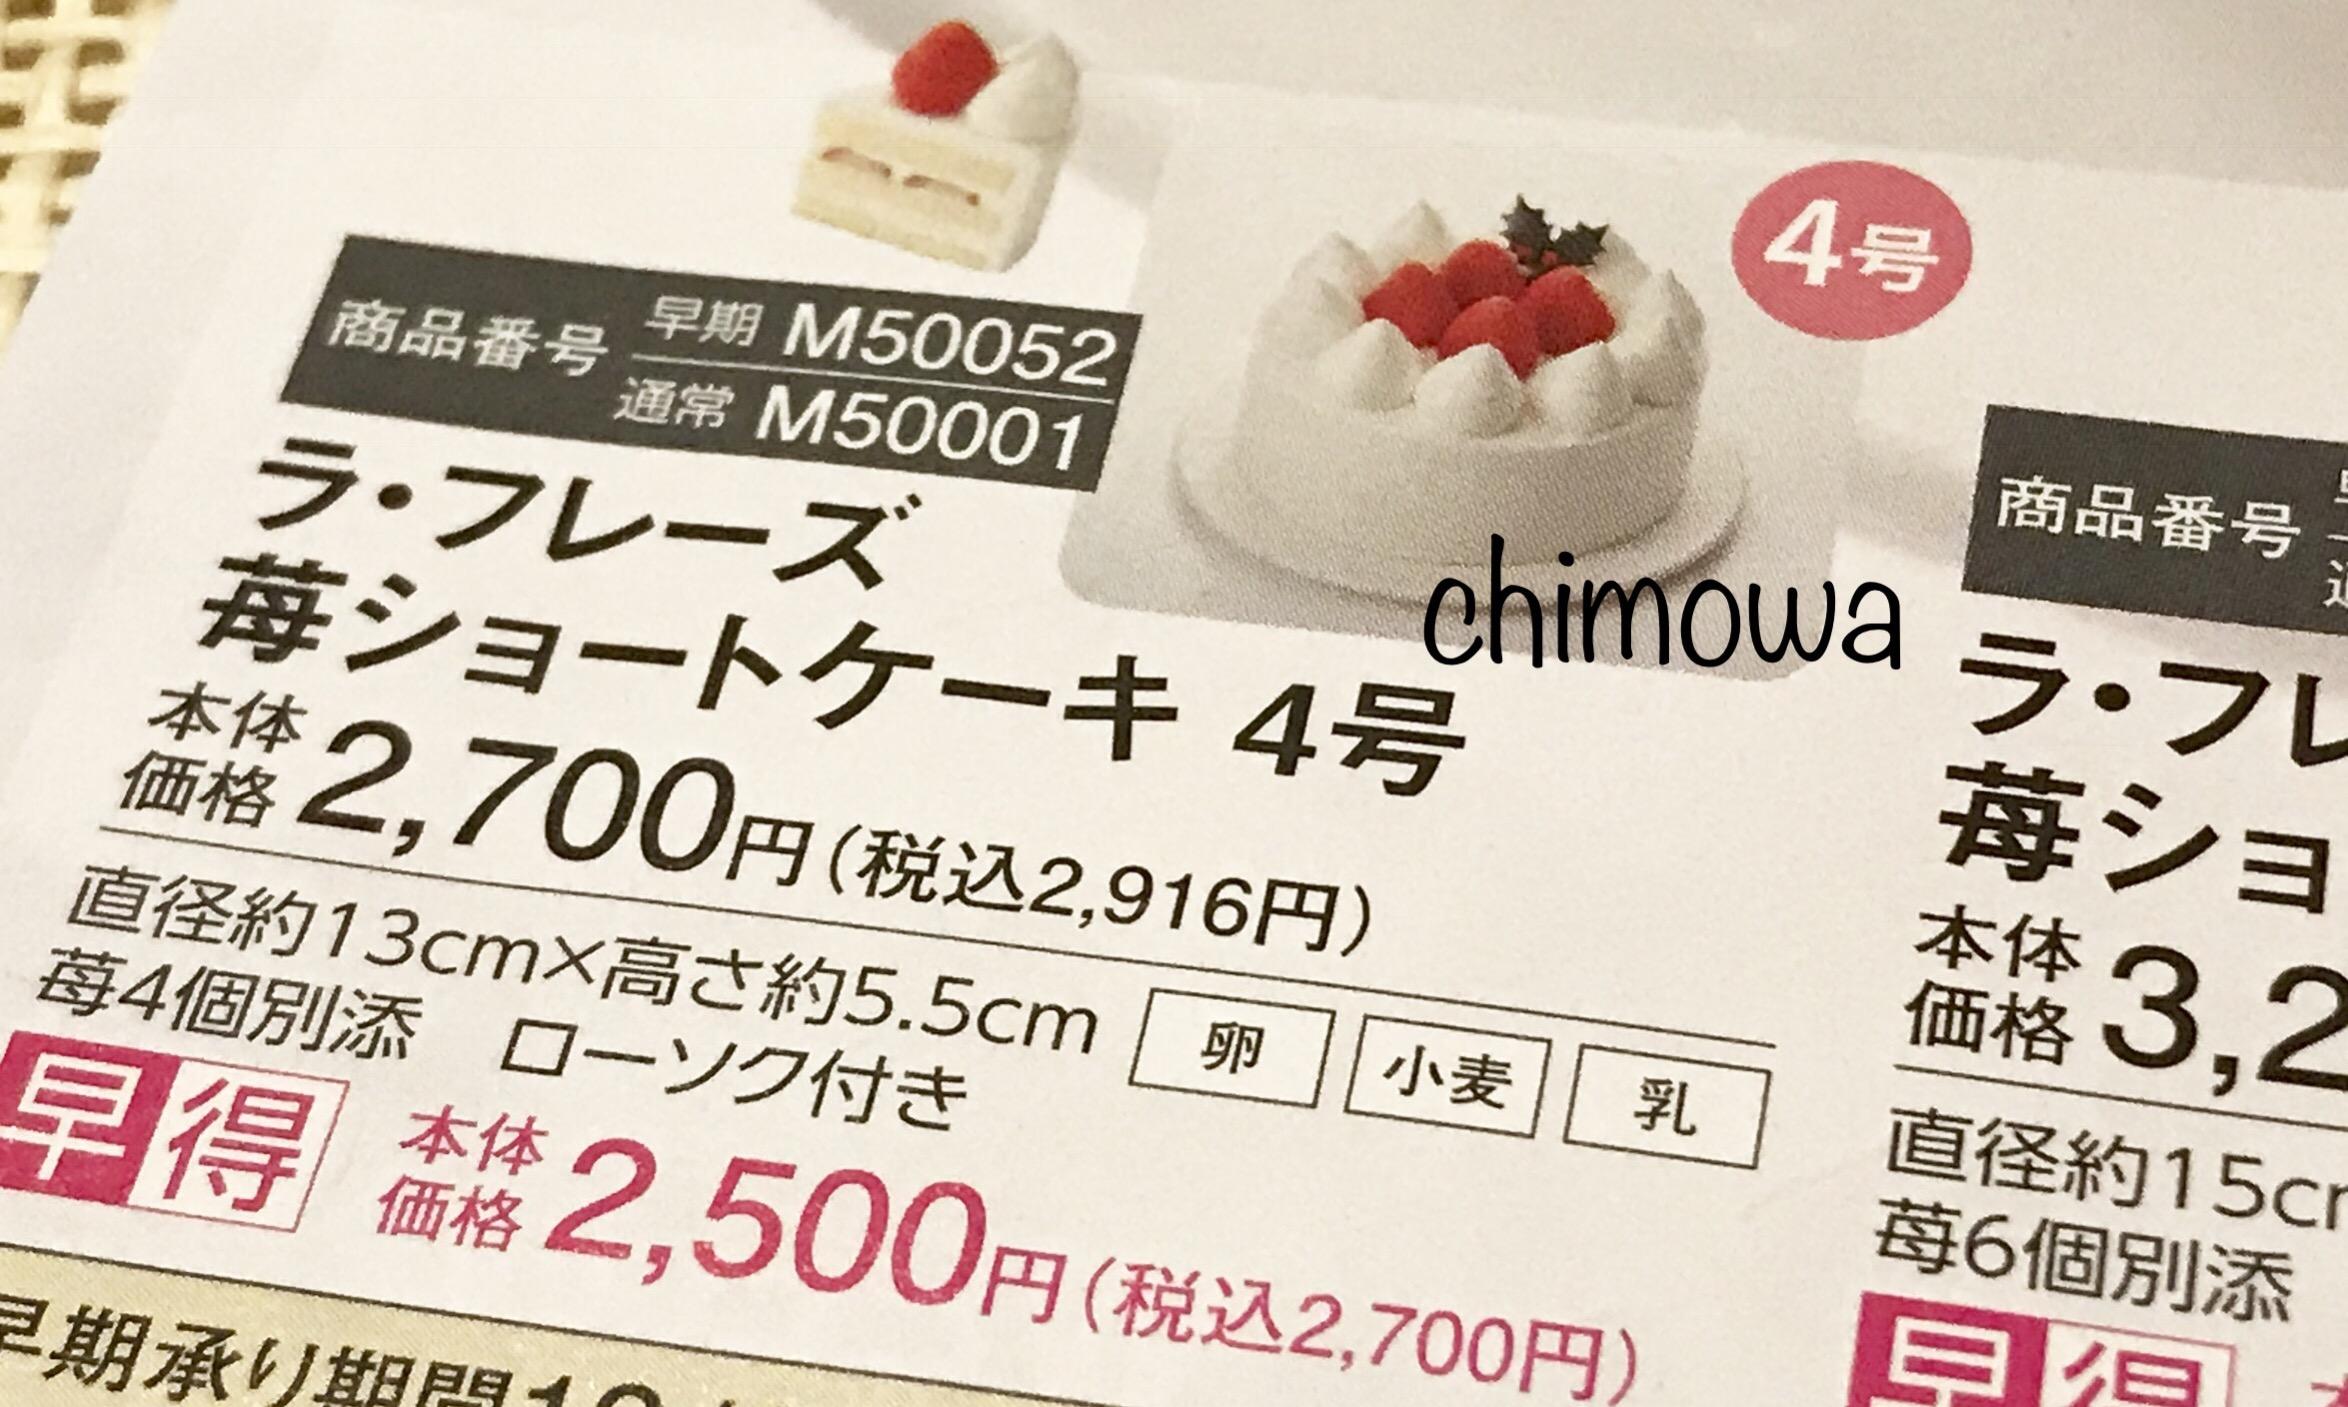 ダイエークリスマスカタログより苺ショートケーキ4号のページの写真